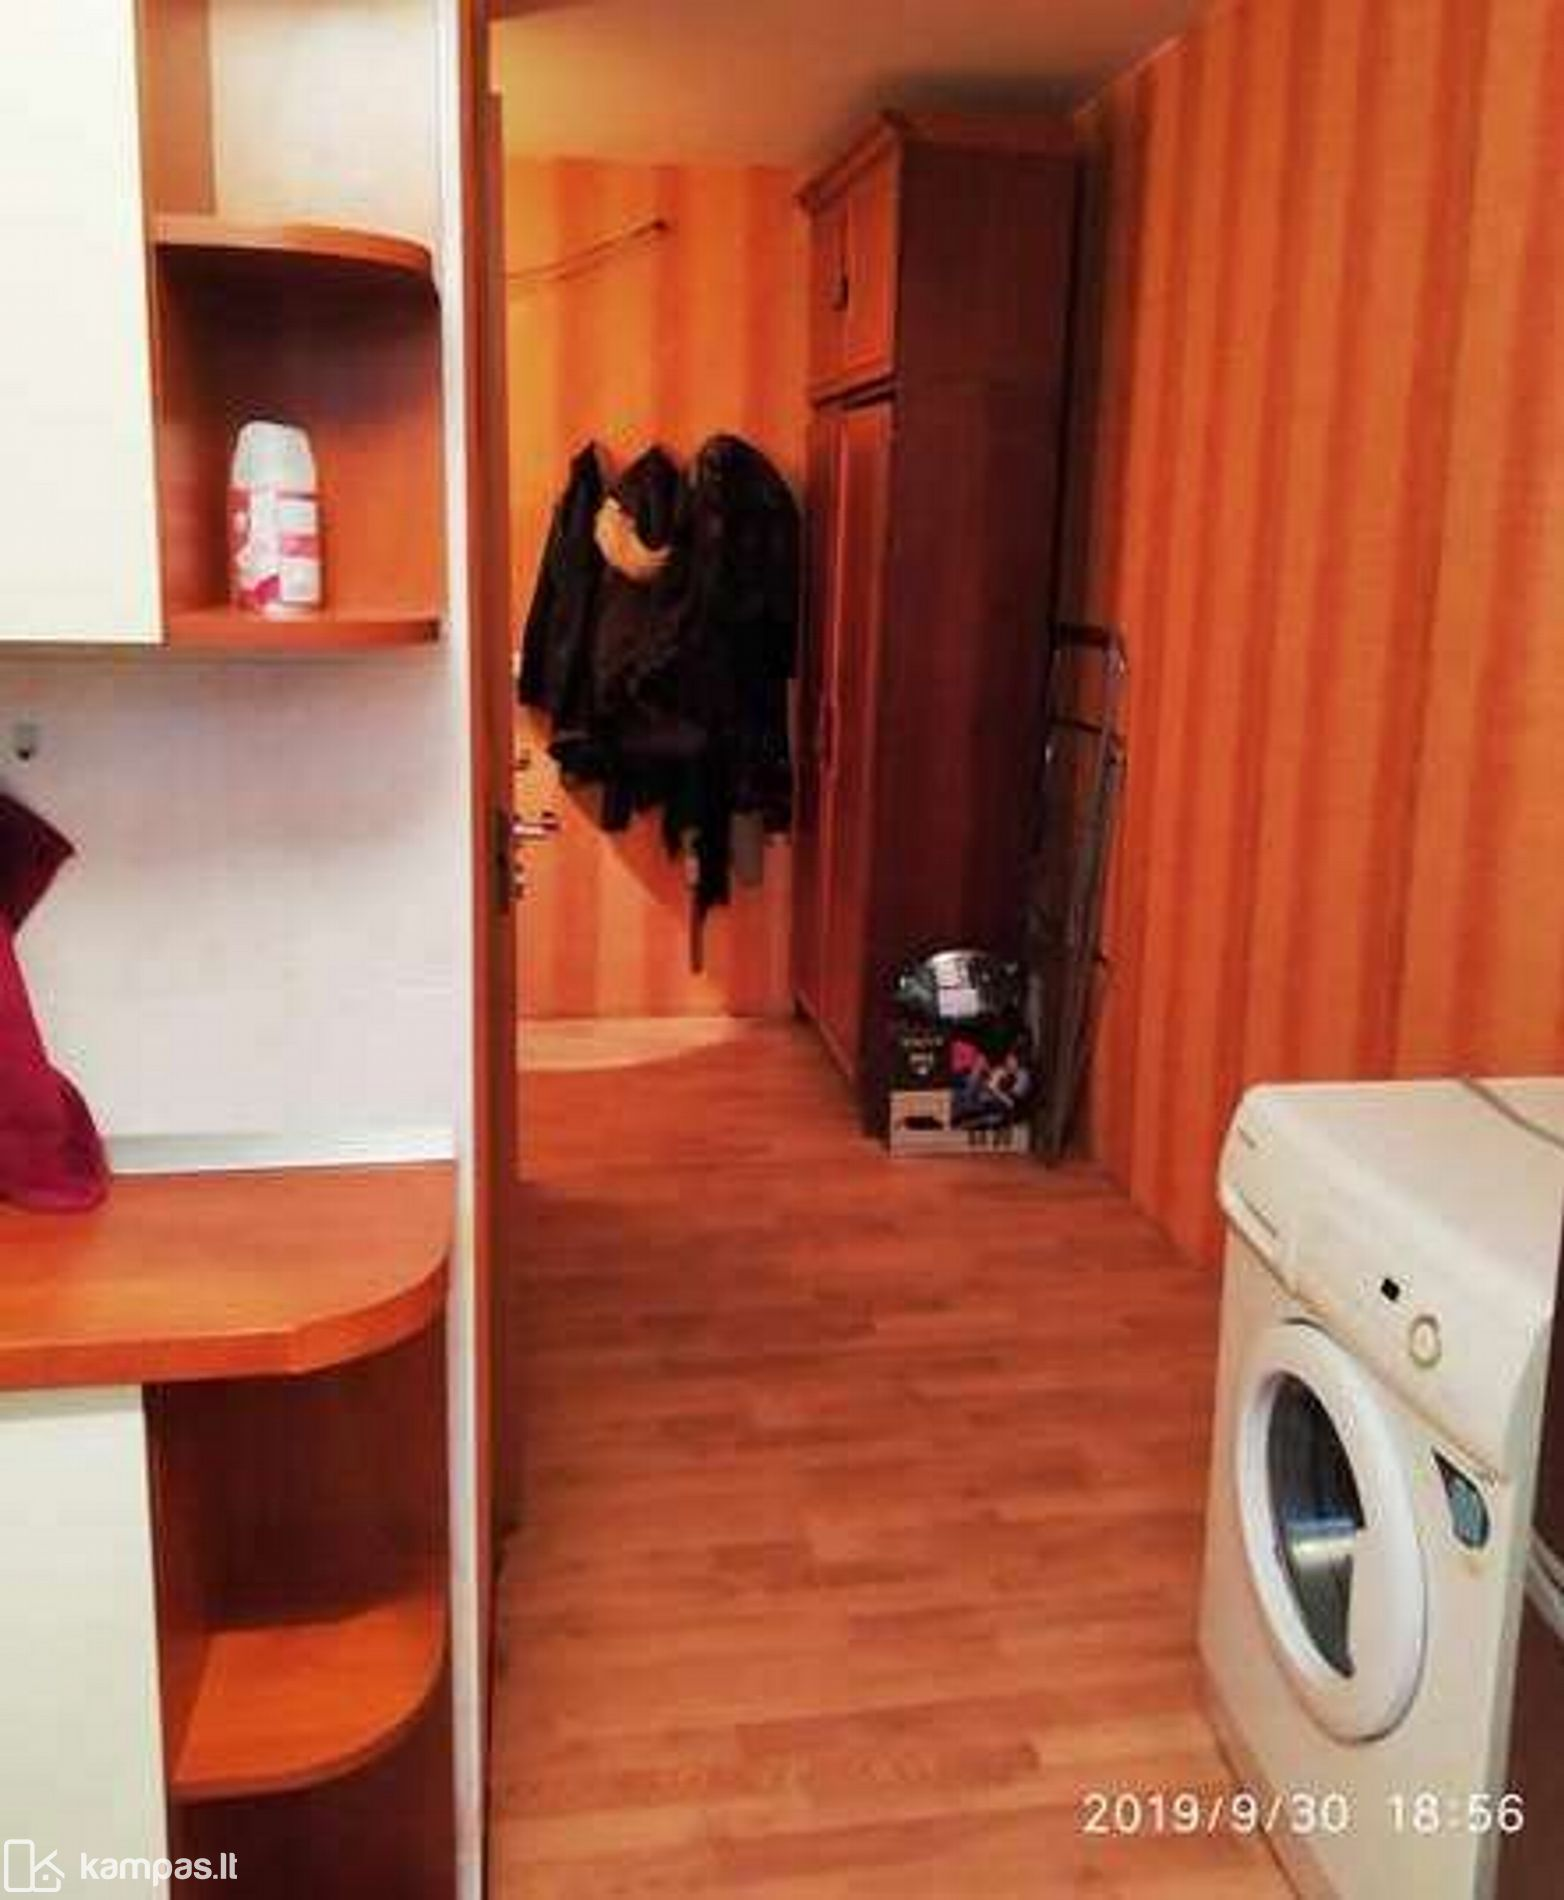 photo No.6 Klaipėda, Debrecenas, Naujakiemio g.